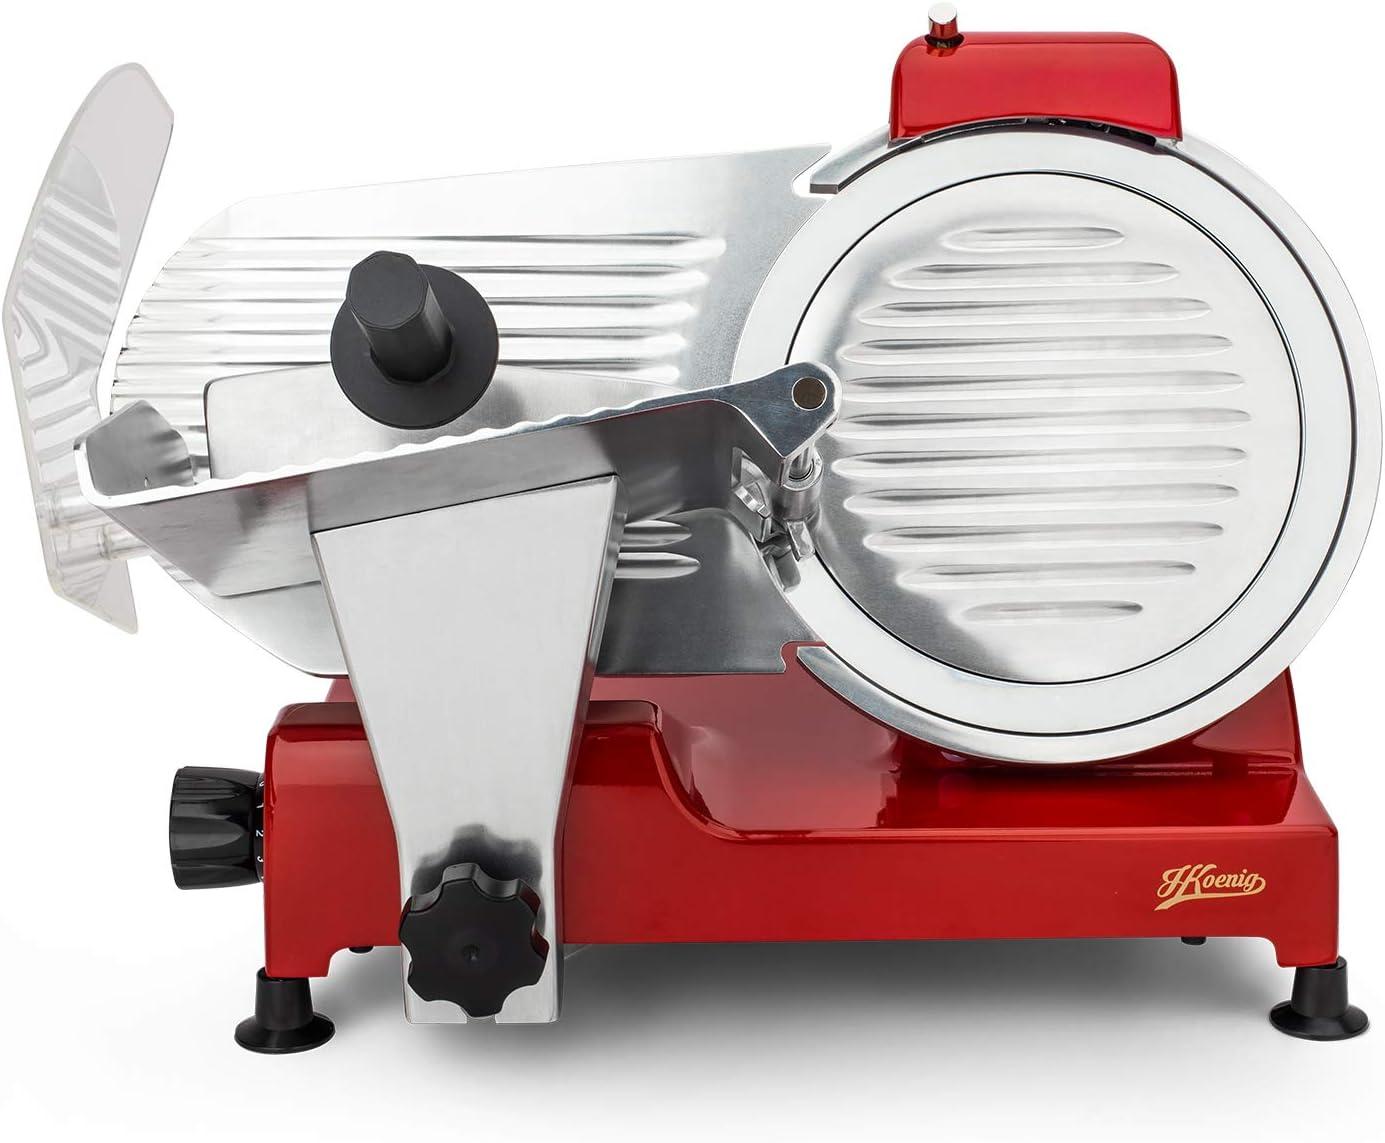 H.Koenig MSX17 professioneller Allesschneider für Schinken und  Fleisch/elektrische Schneidemaschine Käse und Brot/Schnittdicke 17-17  mm/Schneideblatt